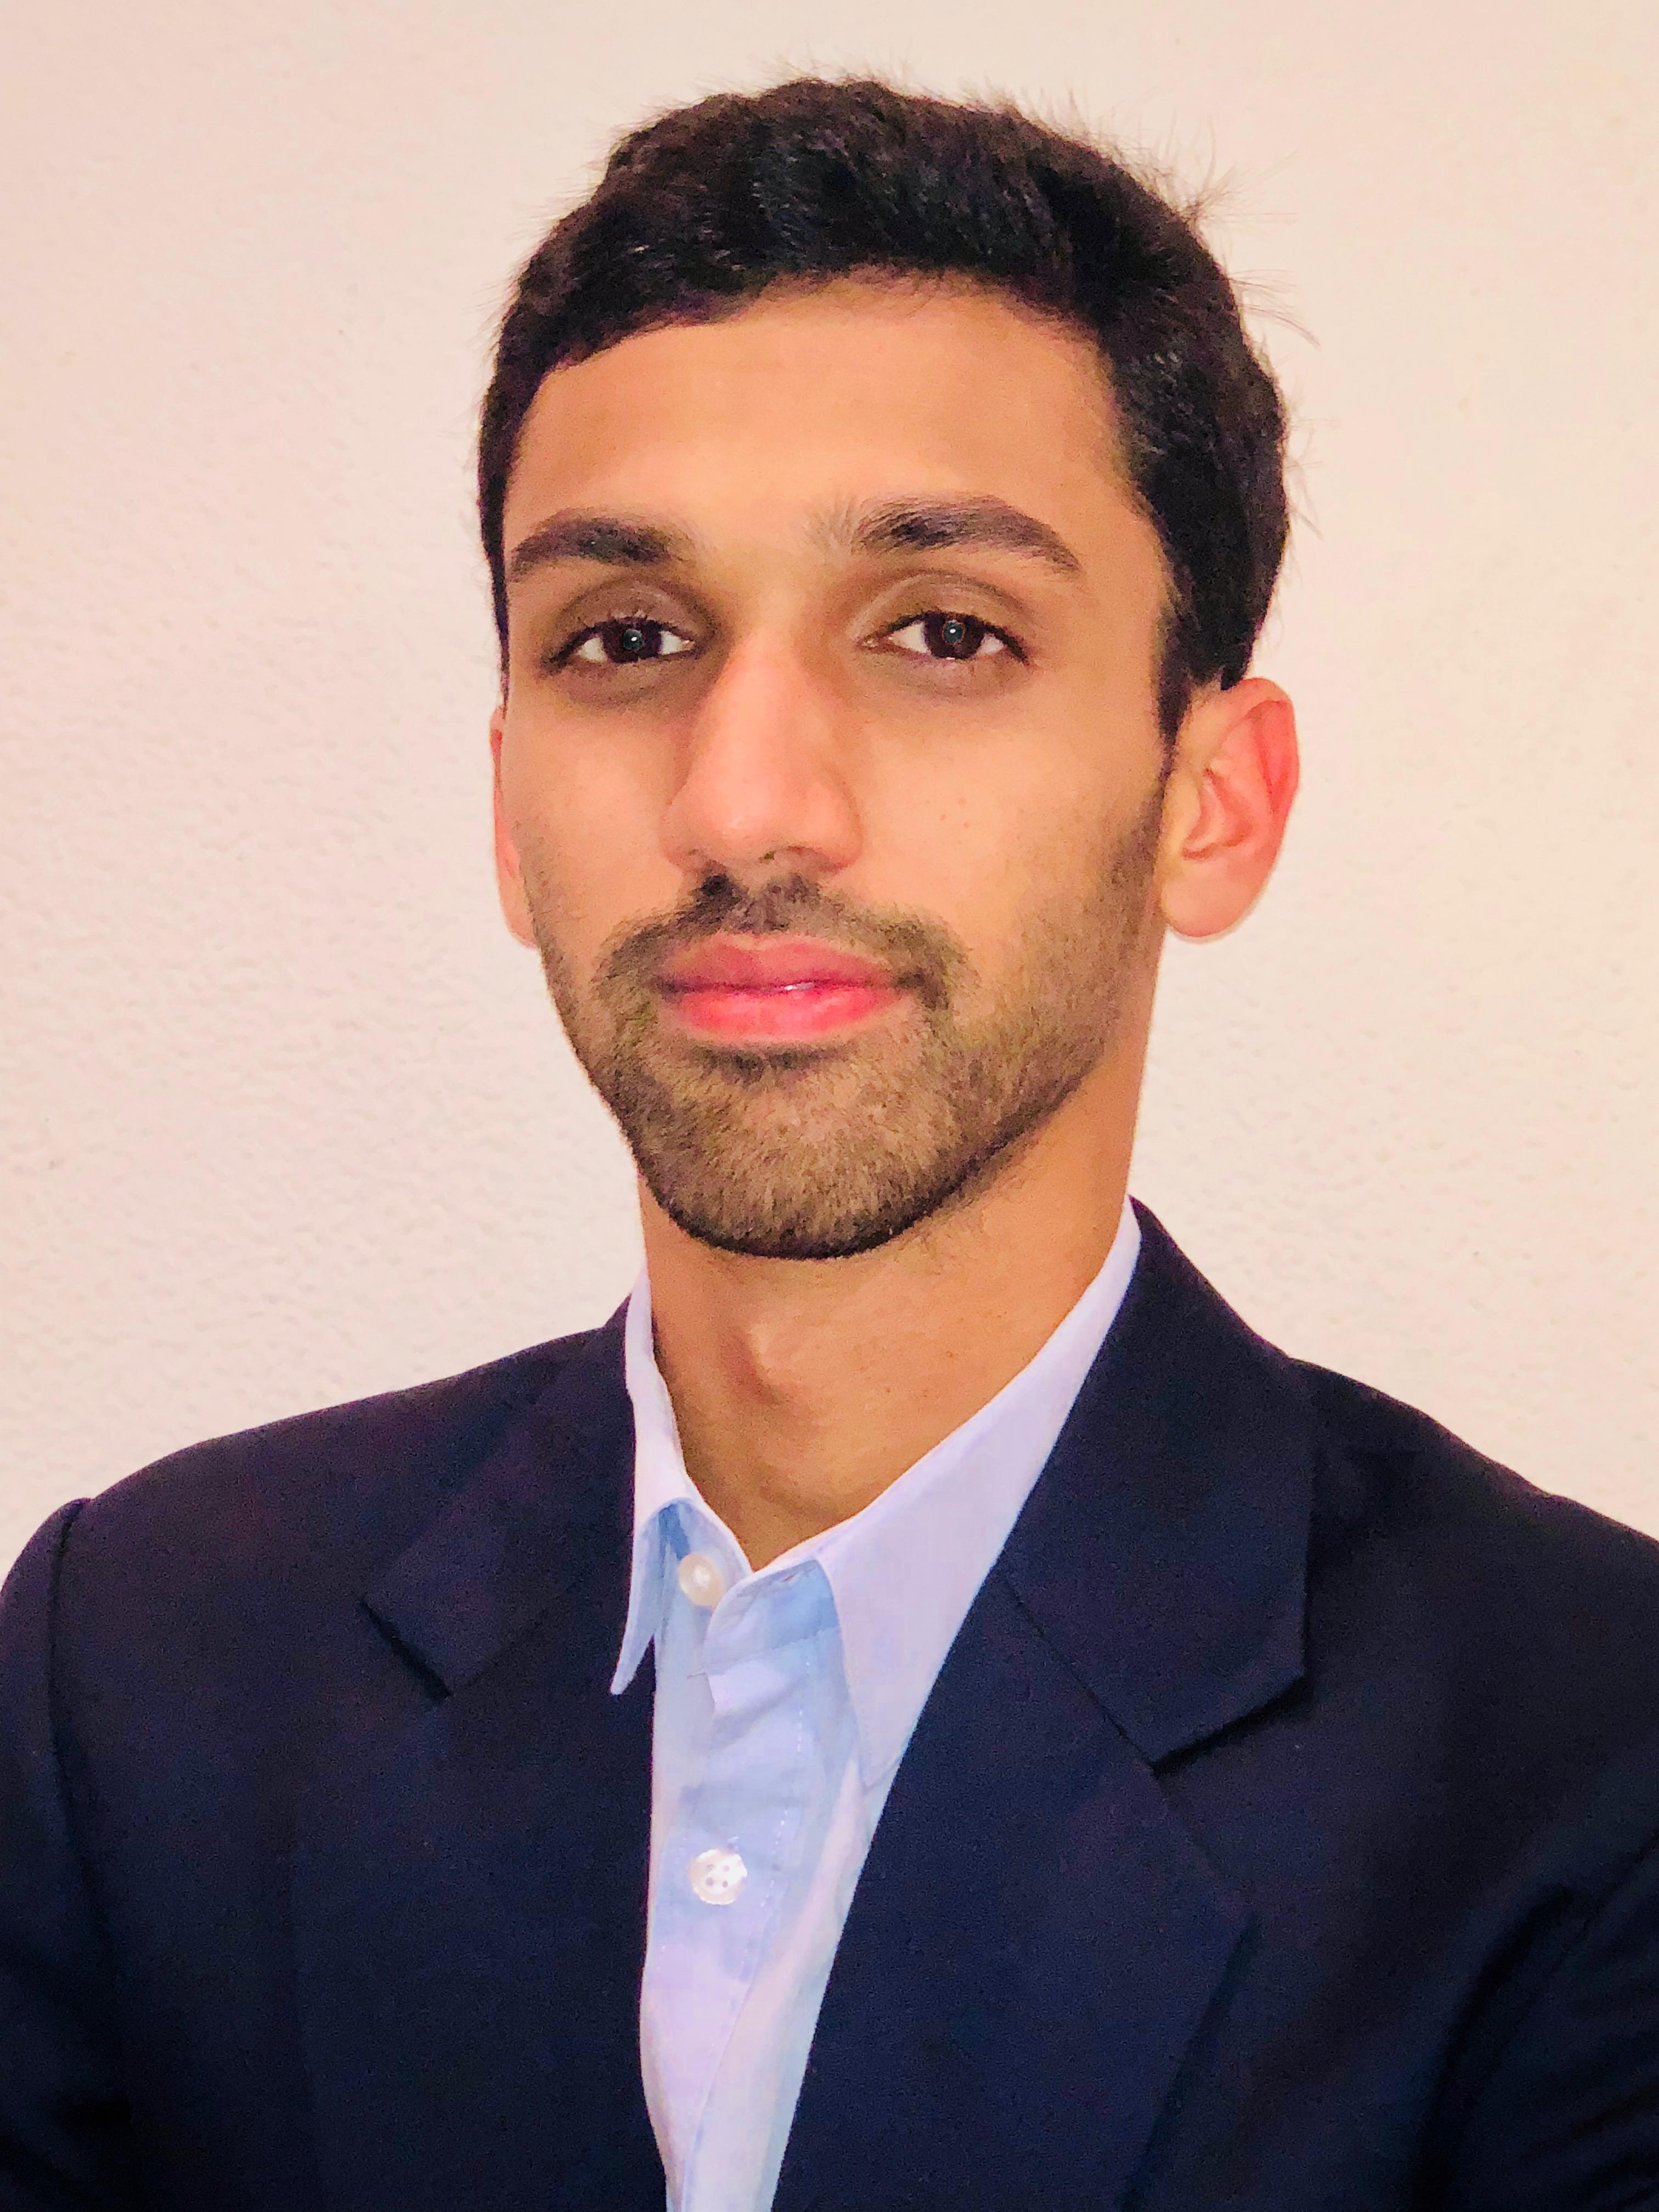 Shiv Parekh